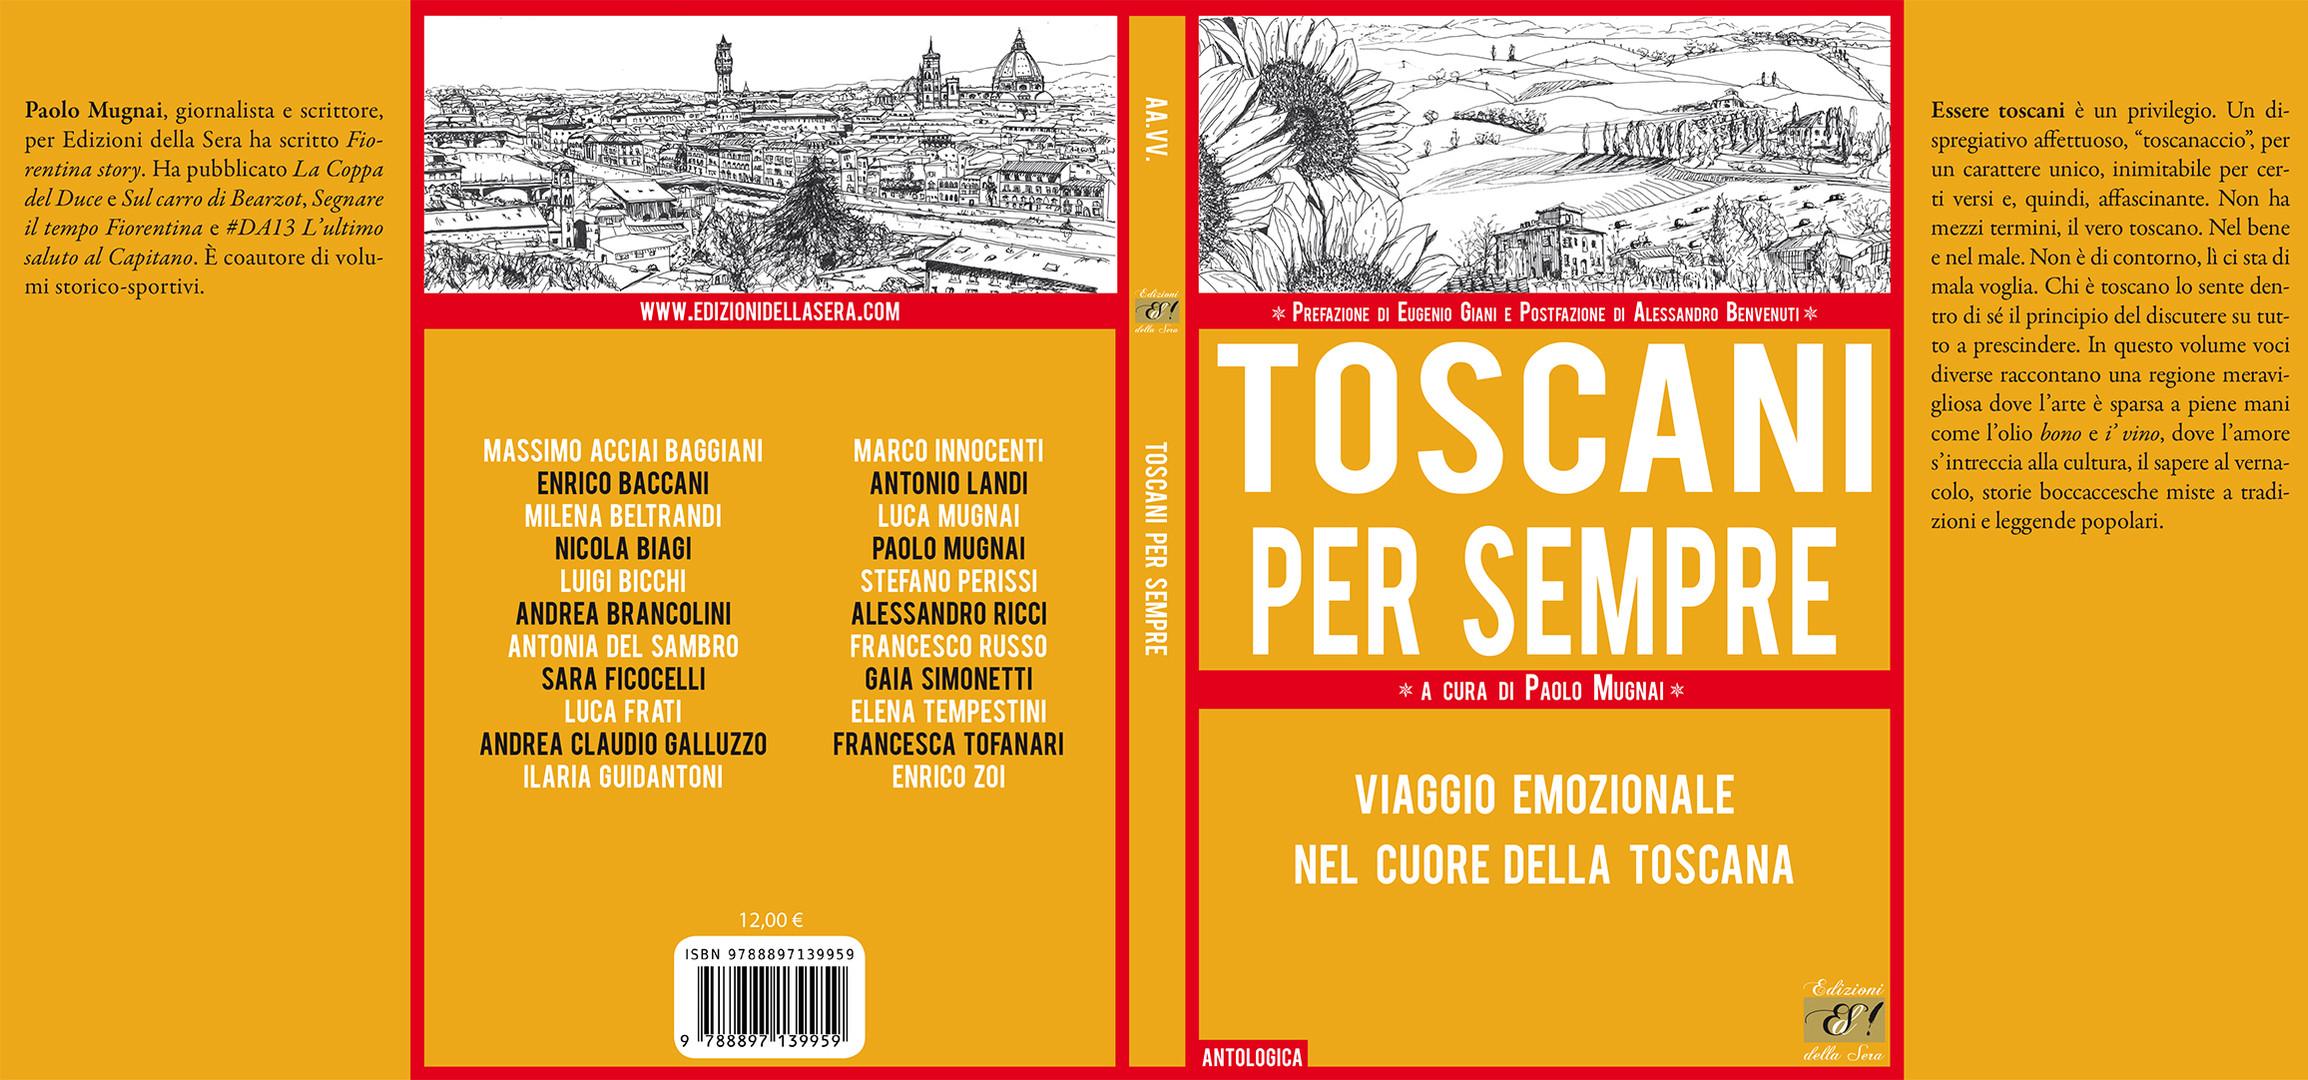 Copertina Toscani per sempre